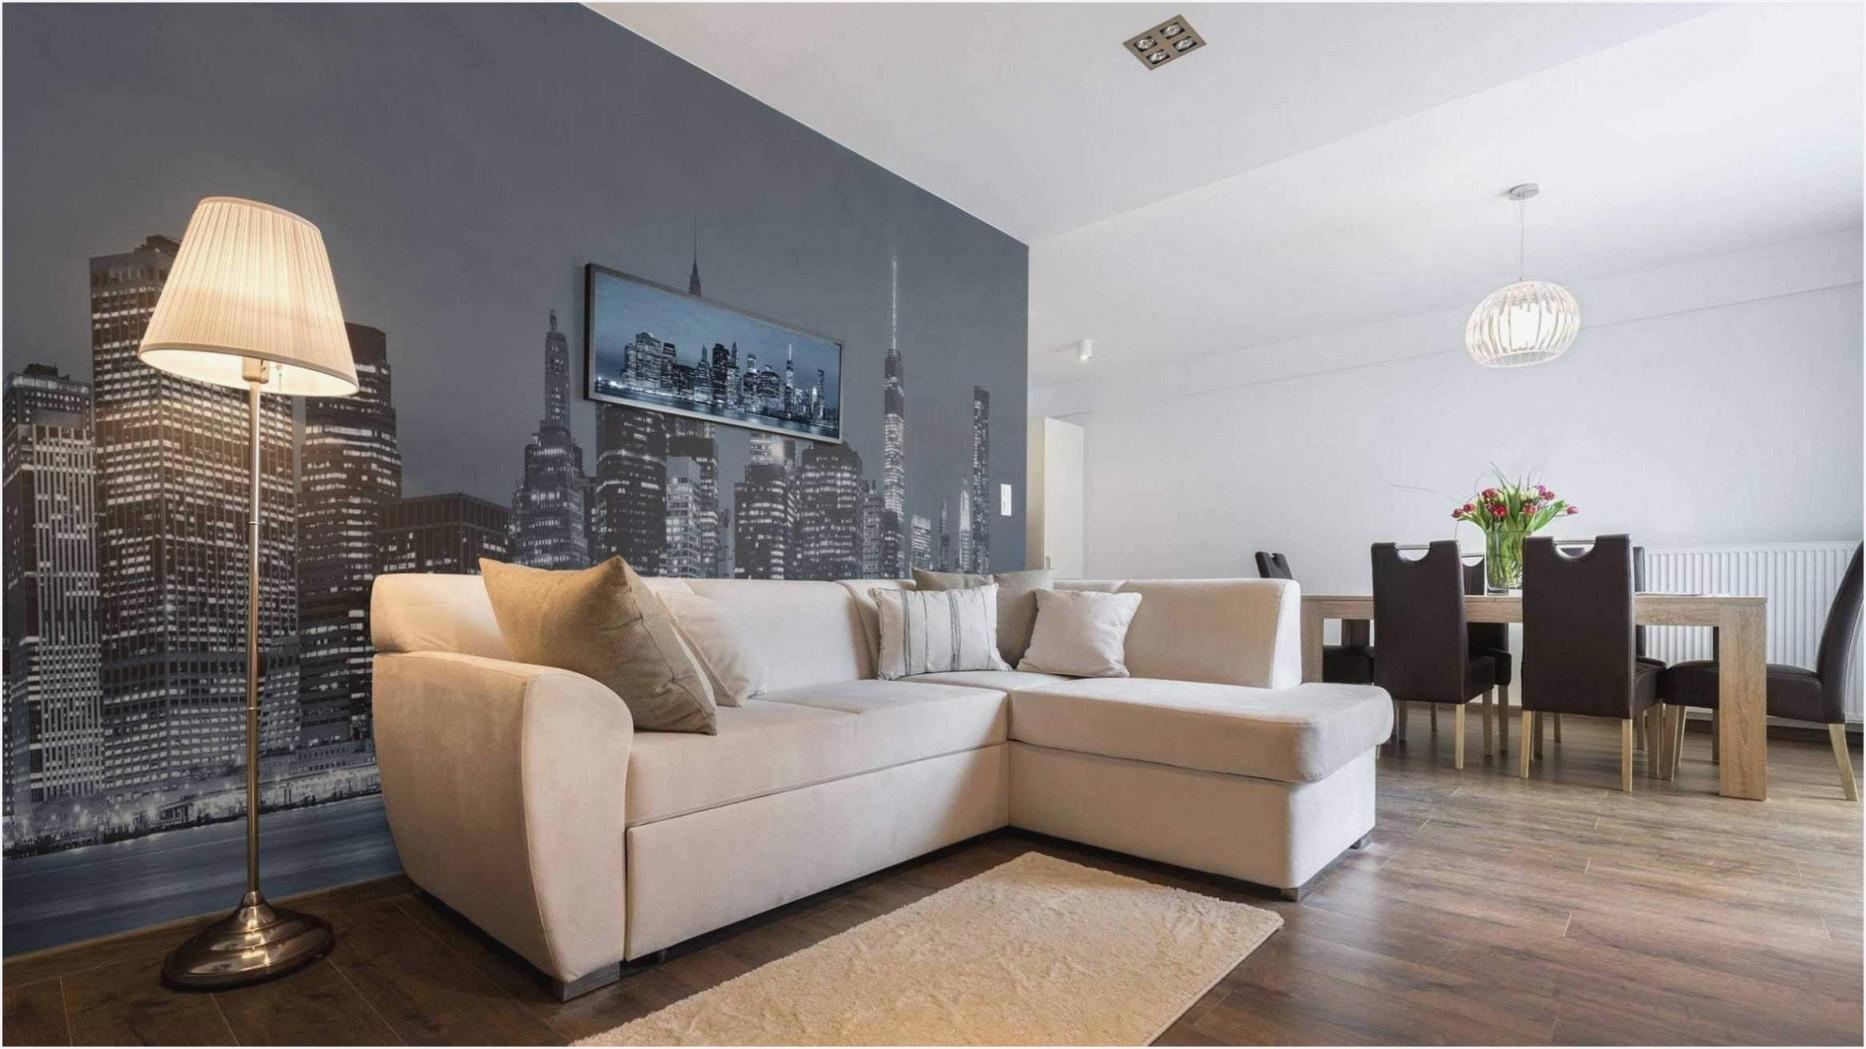 Wandgestaltung Wohnzimmer Beispiele – Caseconrad von Ideen Wandgestaltung Wohnzimmer Bild